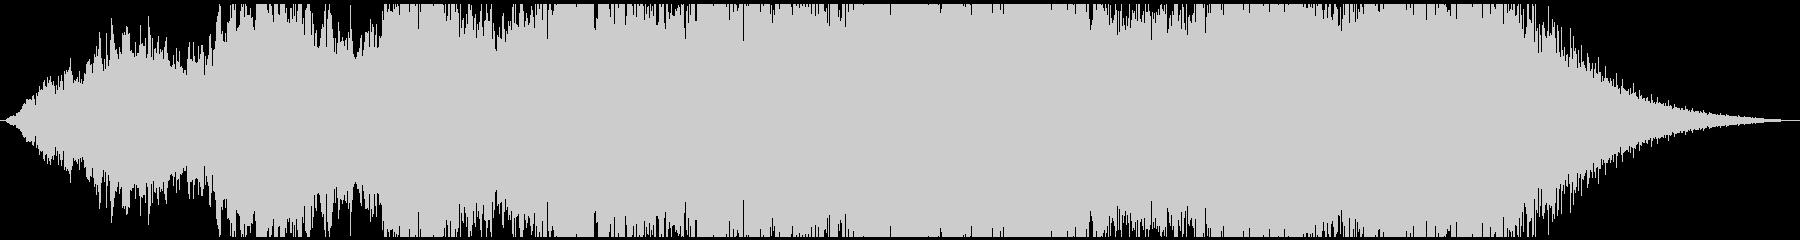 ドローン ディープウォッシュ01の未再生の波形